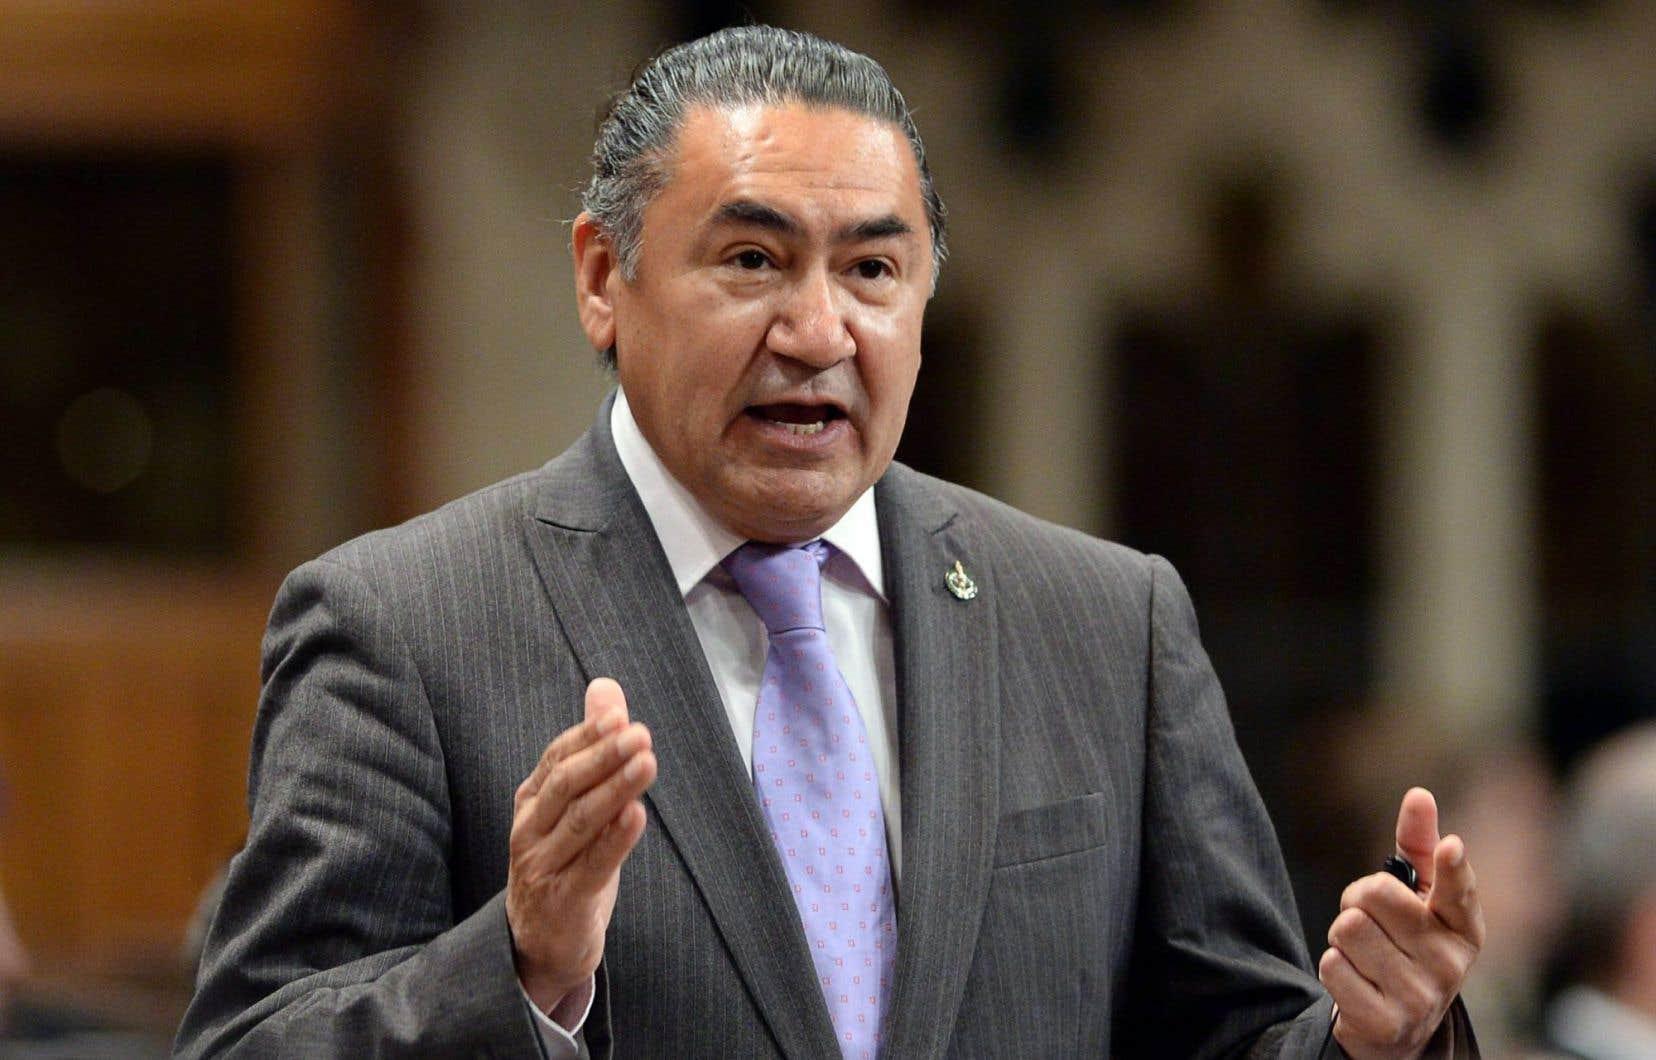 Le député fédéral Roméo Saganash a reconnu avoir plagié des portions d'autres déclarations dans une récente lettre d'opinion.